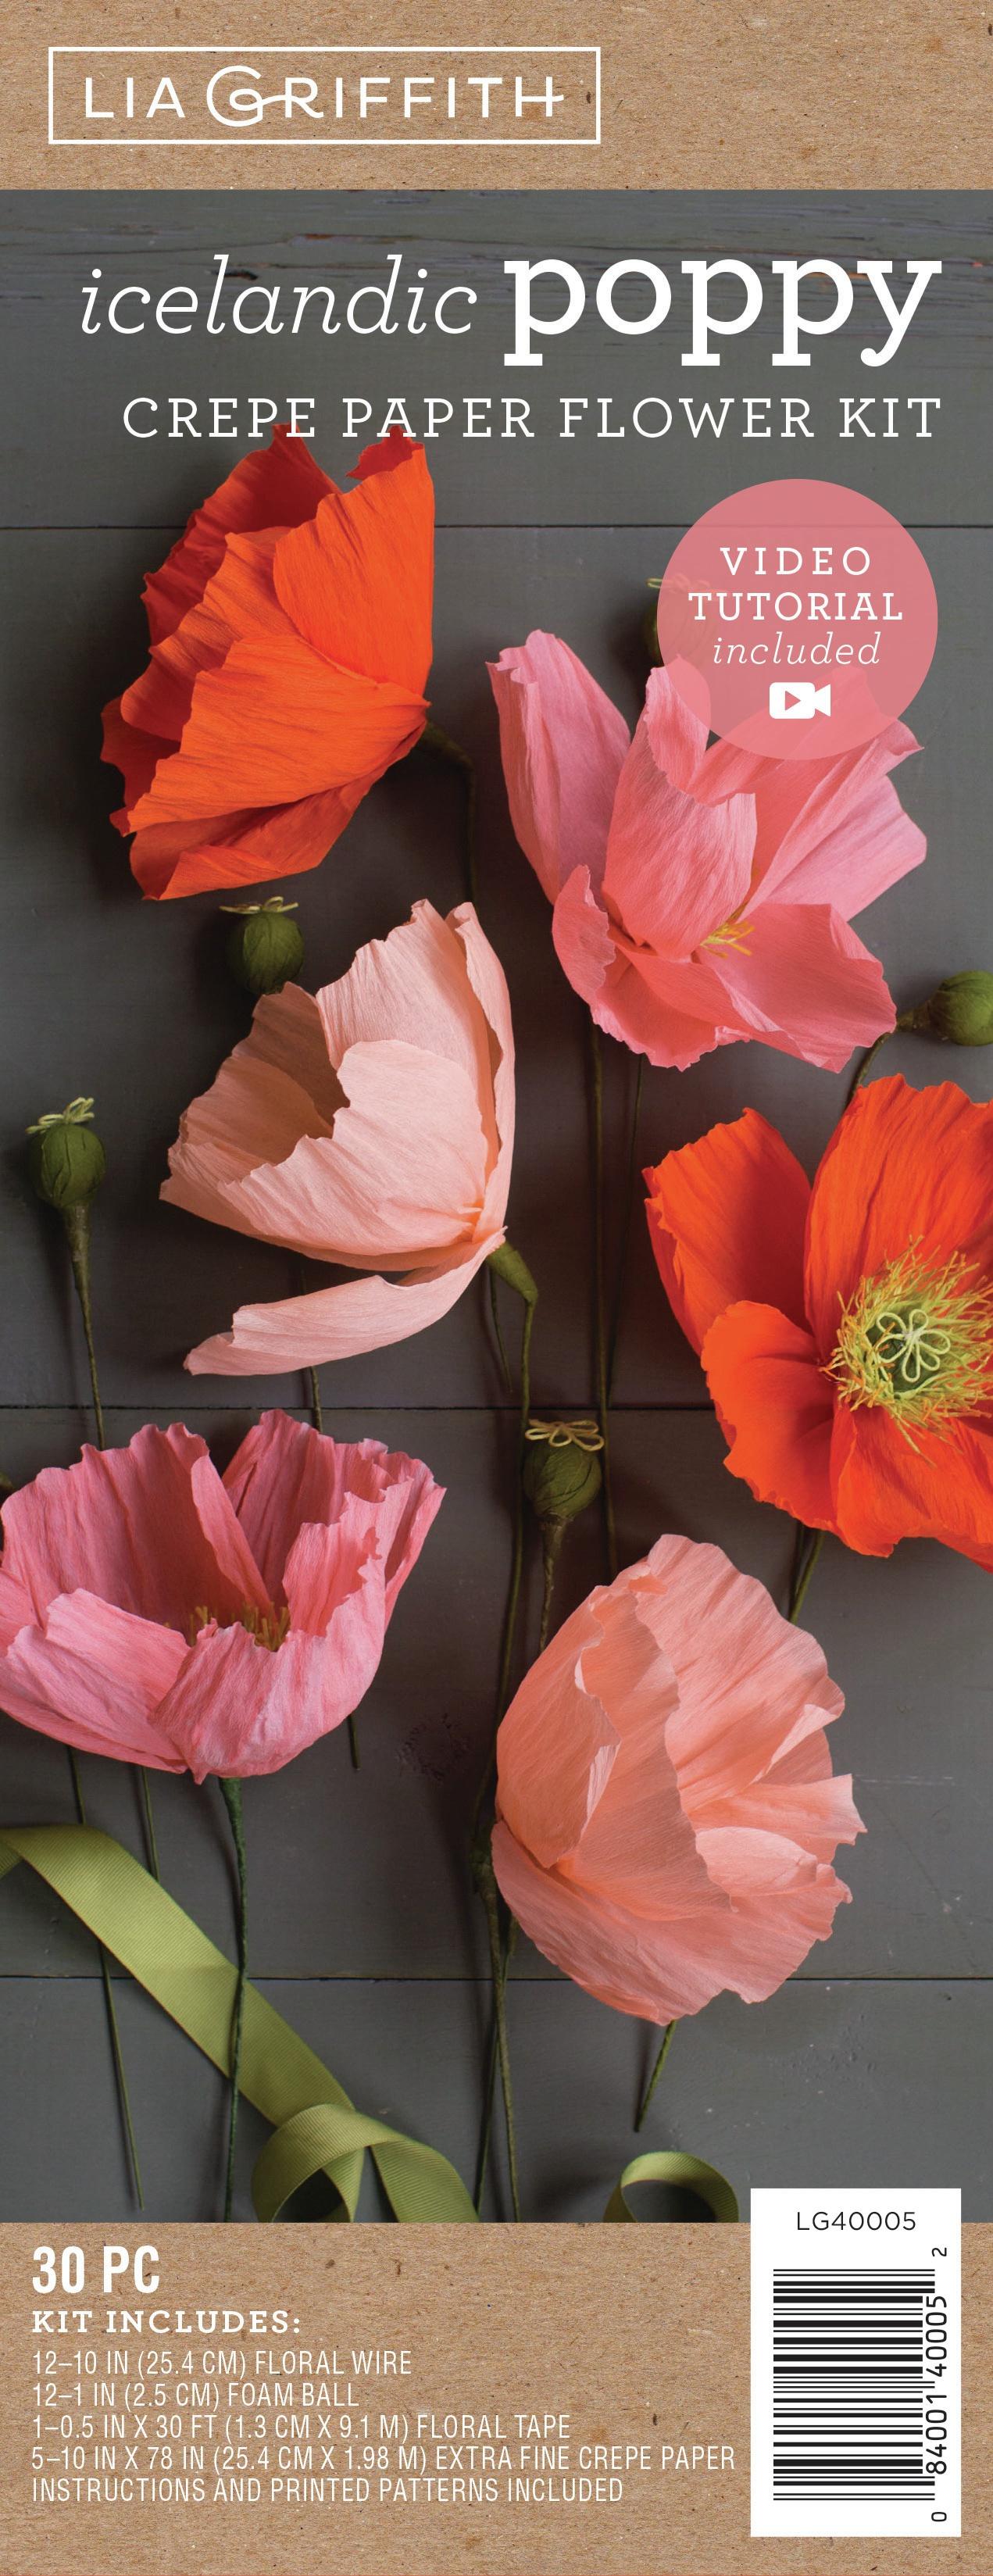 Crepe Paper Flower Kit -Poppies